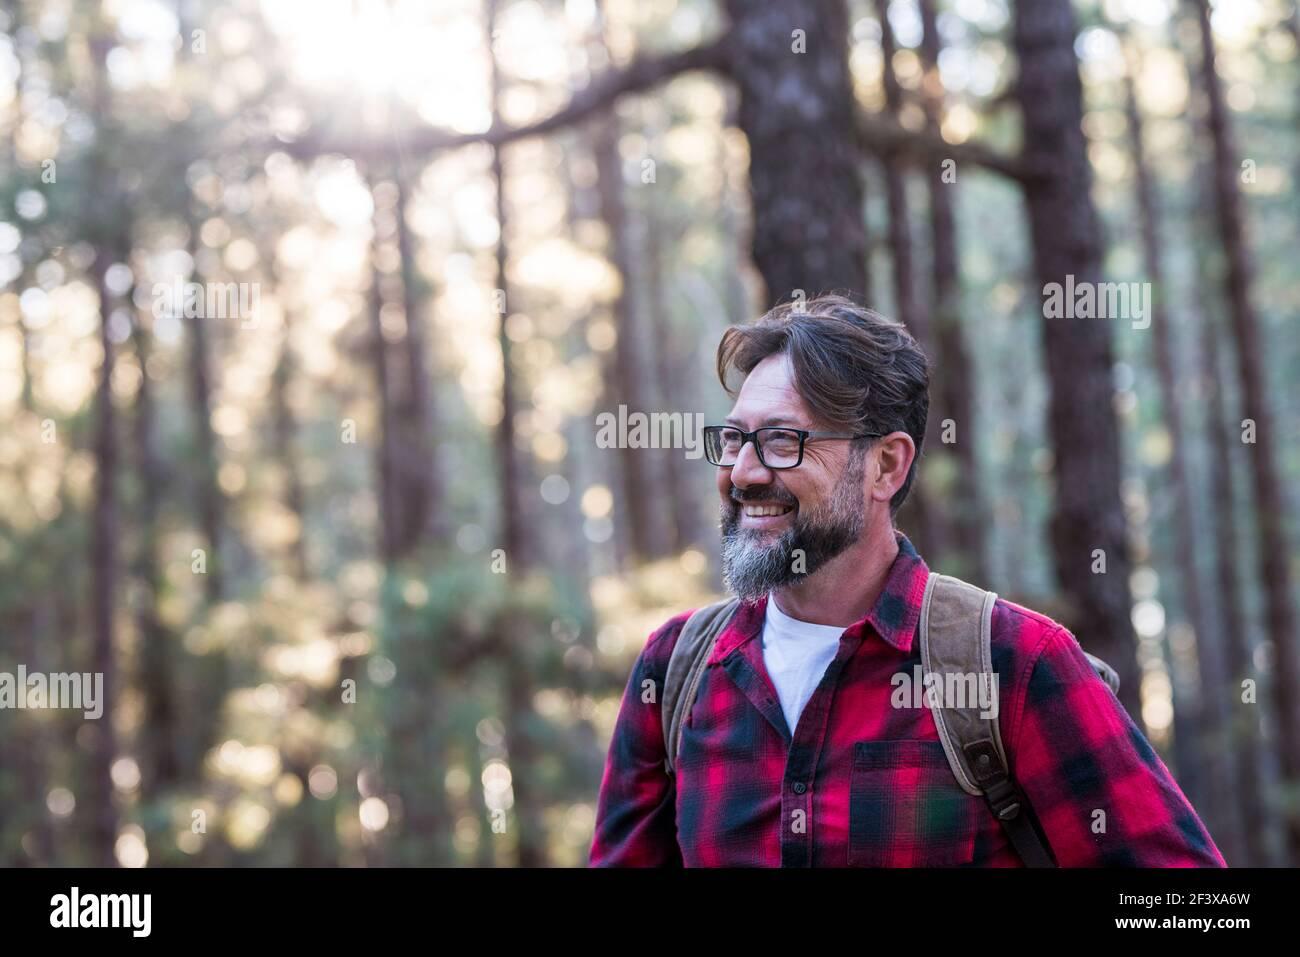 Portrait en gros plan d'un homme à barbe confiant dans un parc extérieur. Profil jeune beau sourire barbu homme Jeune adulte hipster randonnée forêt - Happy peo Banque D'Images